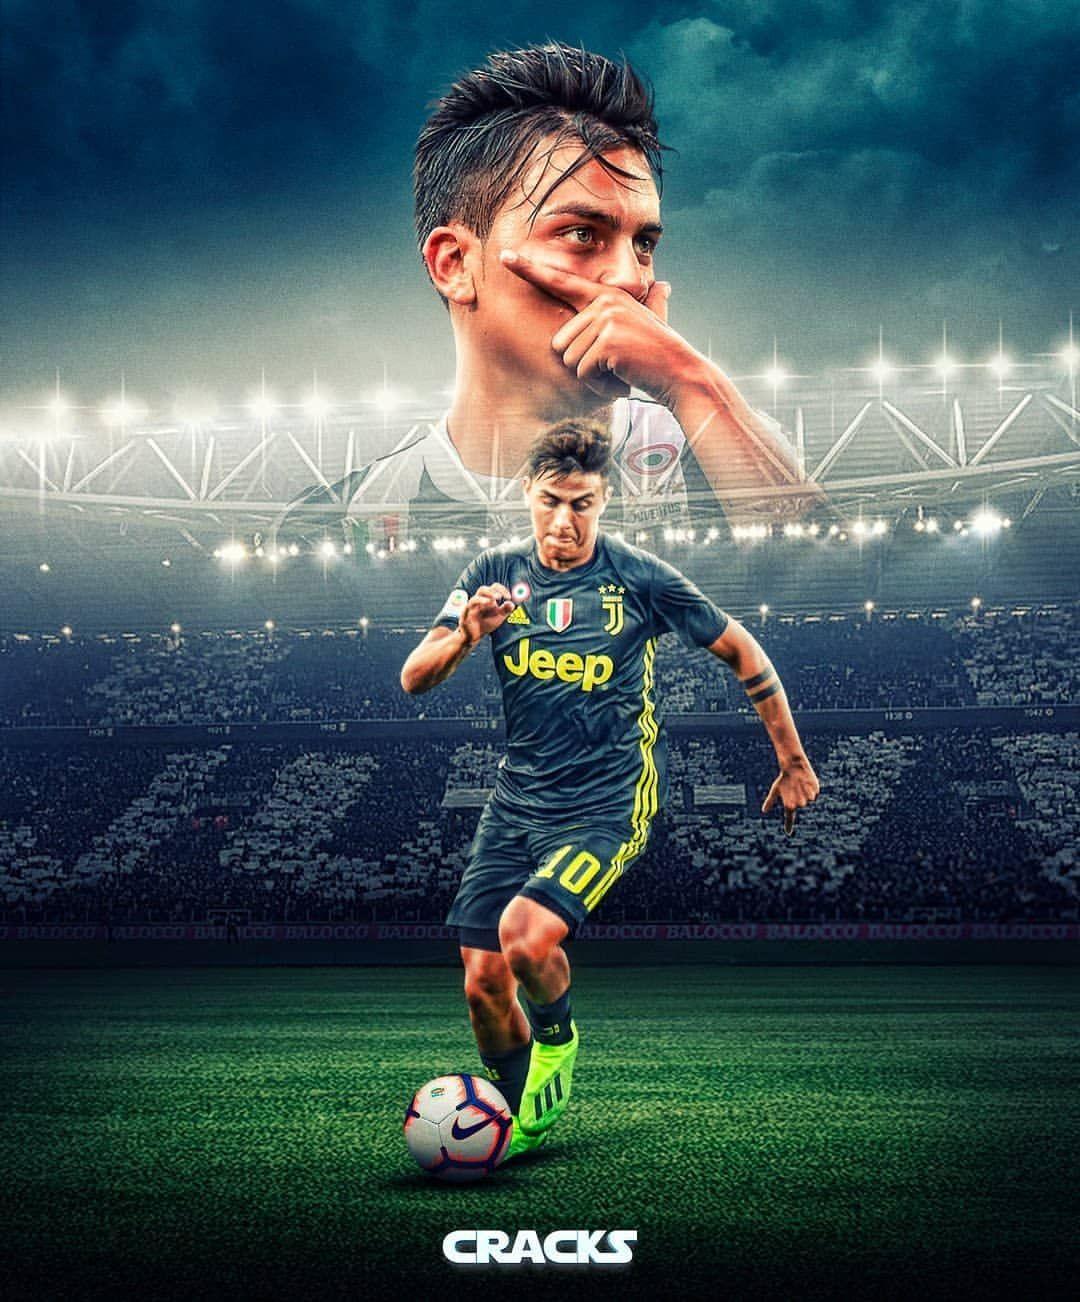 Jruizmandesigns La Joya Paulodybala Trabajo Realizado Para La Coleccion De Wallpapers Exclusivos De Ronaldo Football Soccer Photography Juventus Soccer